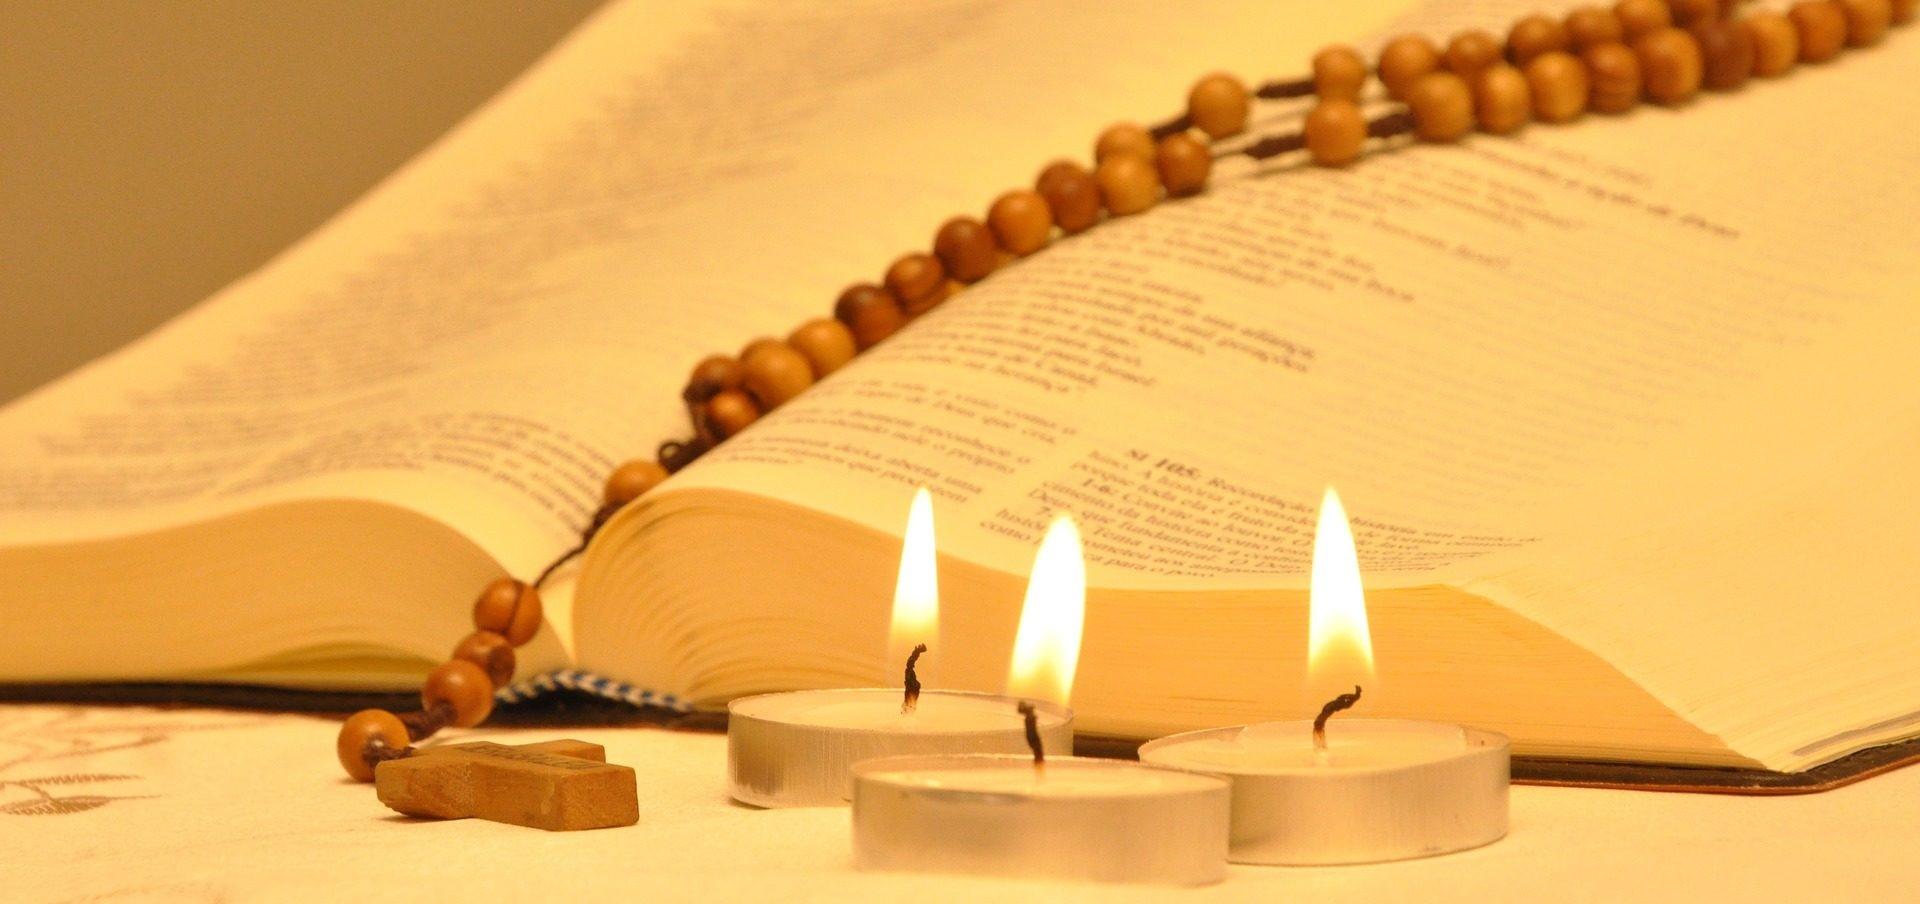 Setembro é o mês da Bíblia - veja como homenagear o livro